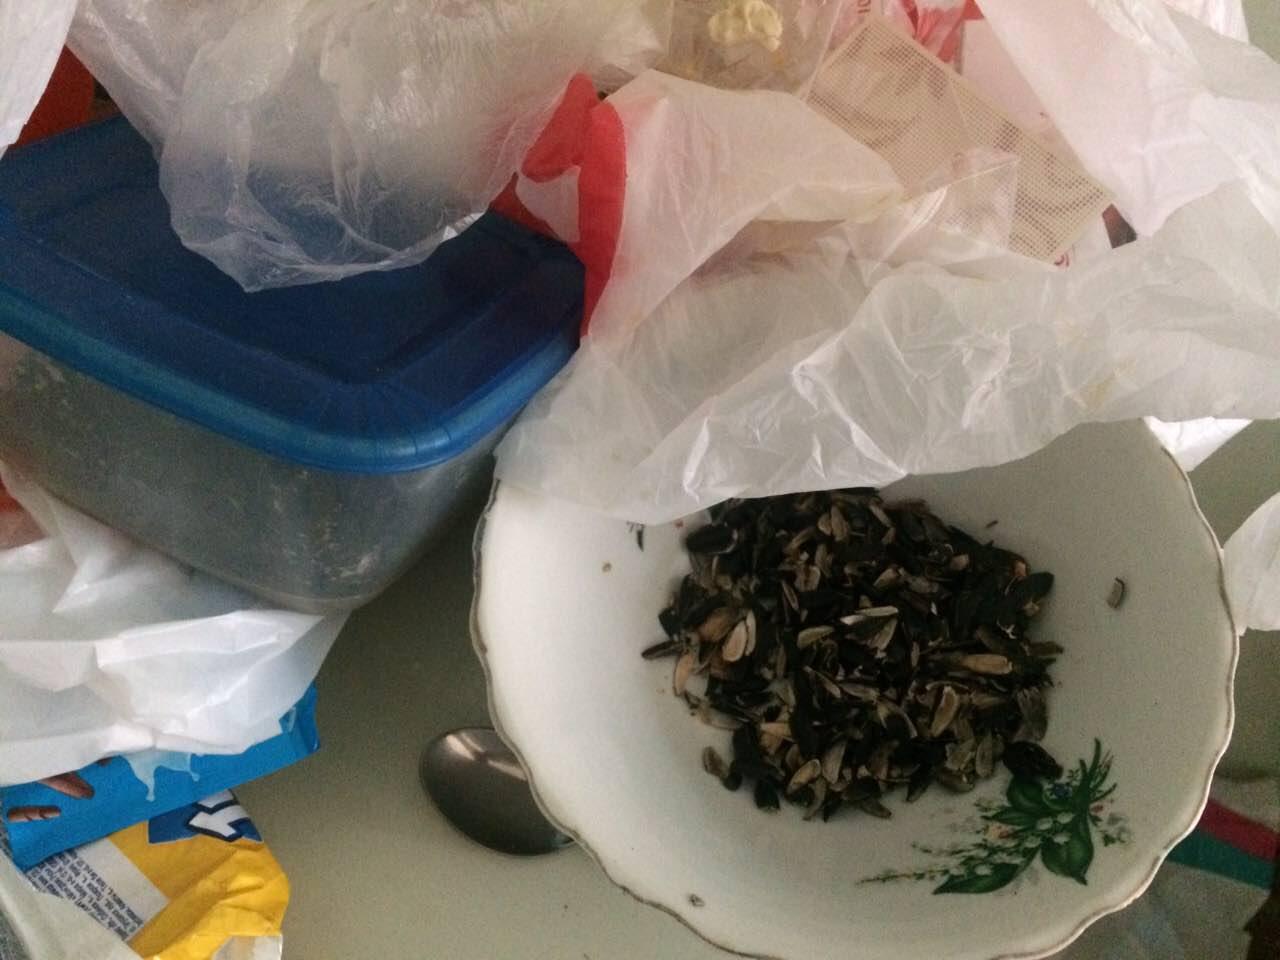 Первая фотография в соцсетях появилась 26 июля, где в супе, которым кормят пациентов, плавает чер